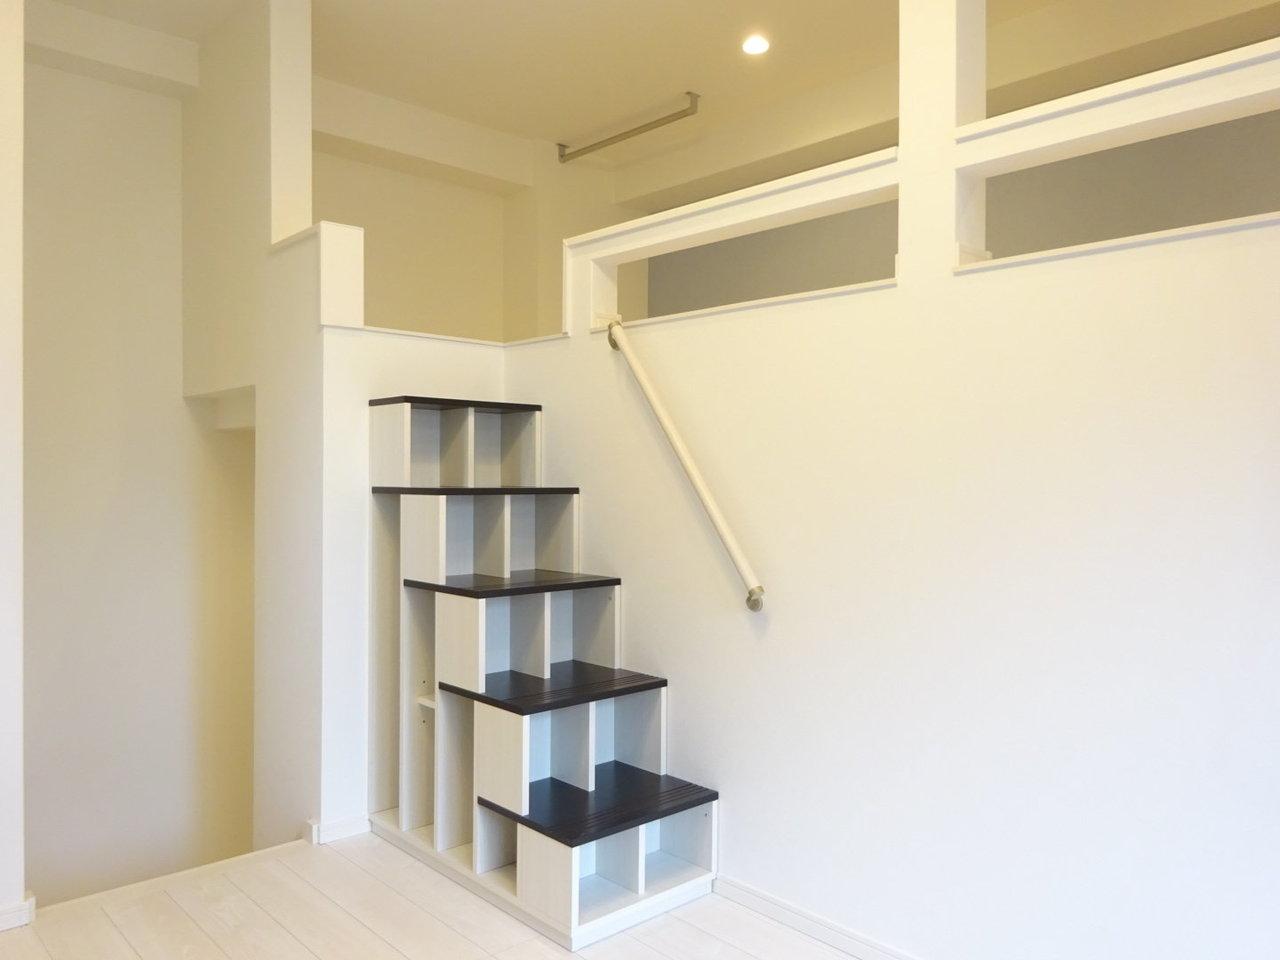 ロフトといったらはしご、という先入観がありましたが、こちらの物件はしっかりとした階段でロフト部分を行き来します。安定感があり、段数も少ないため、ロフトスペースへも行きやすいのが特徴です。